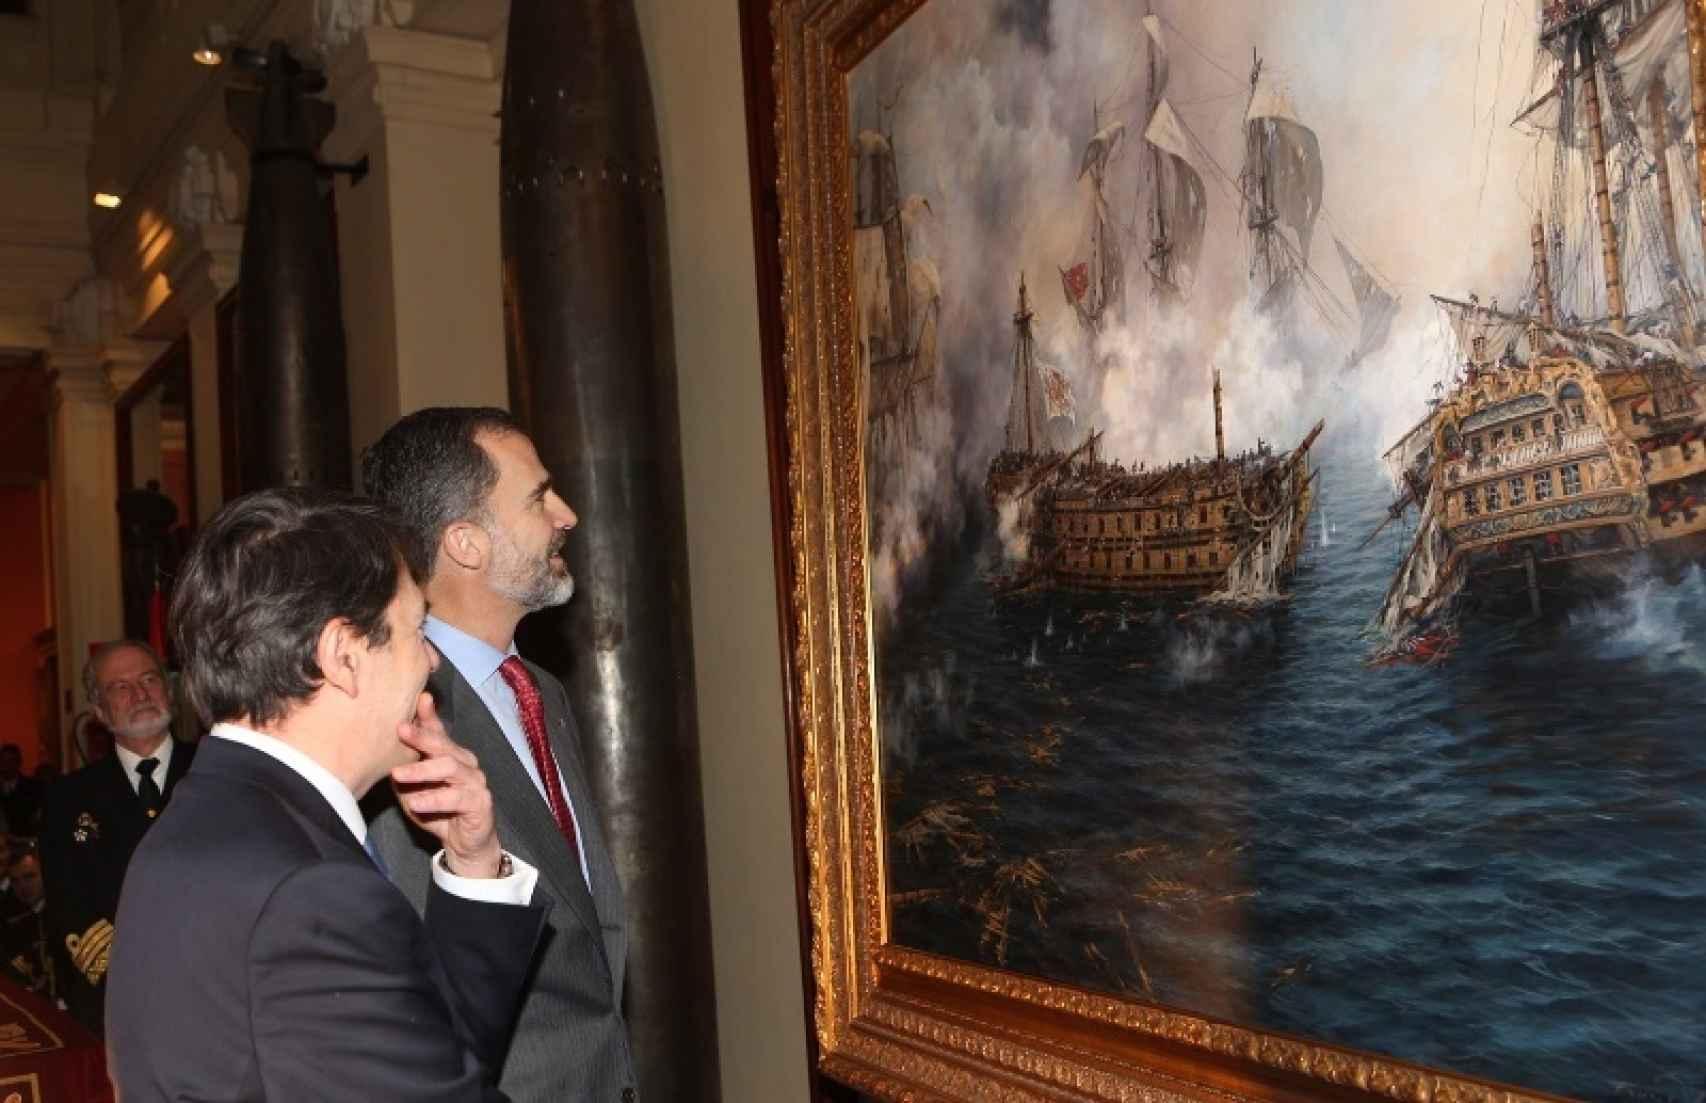 felipe VI y Ferrer-Dalmau contemplando el cuadro 'El último combate del Glorioso'.